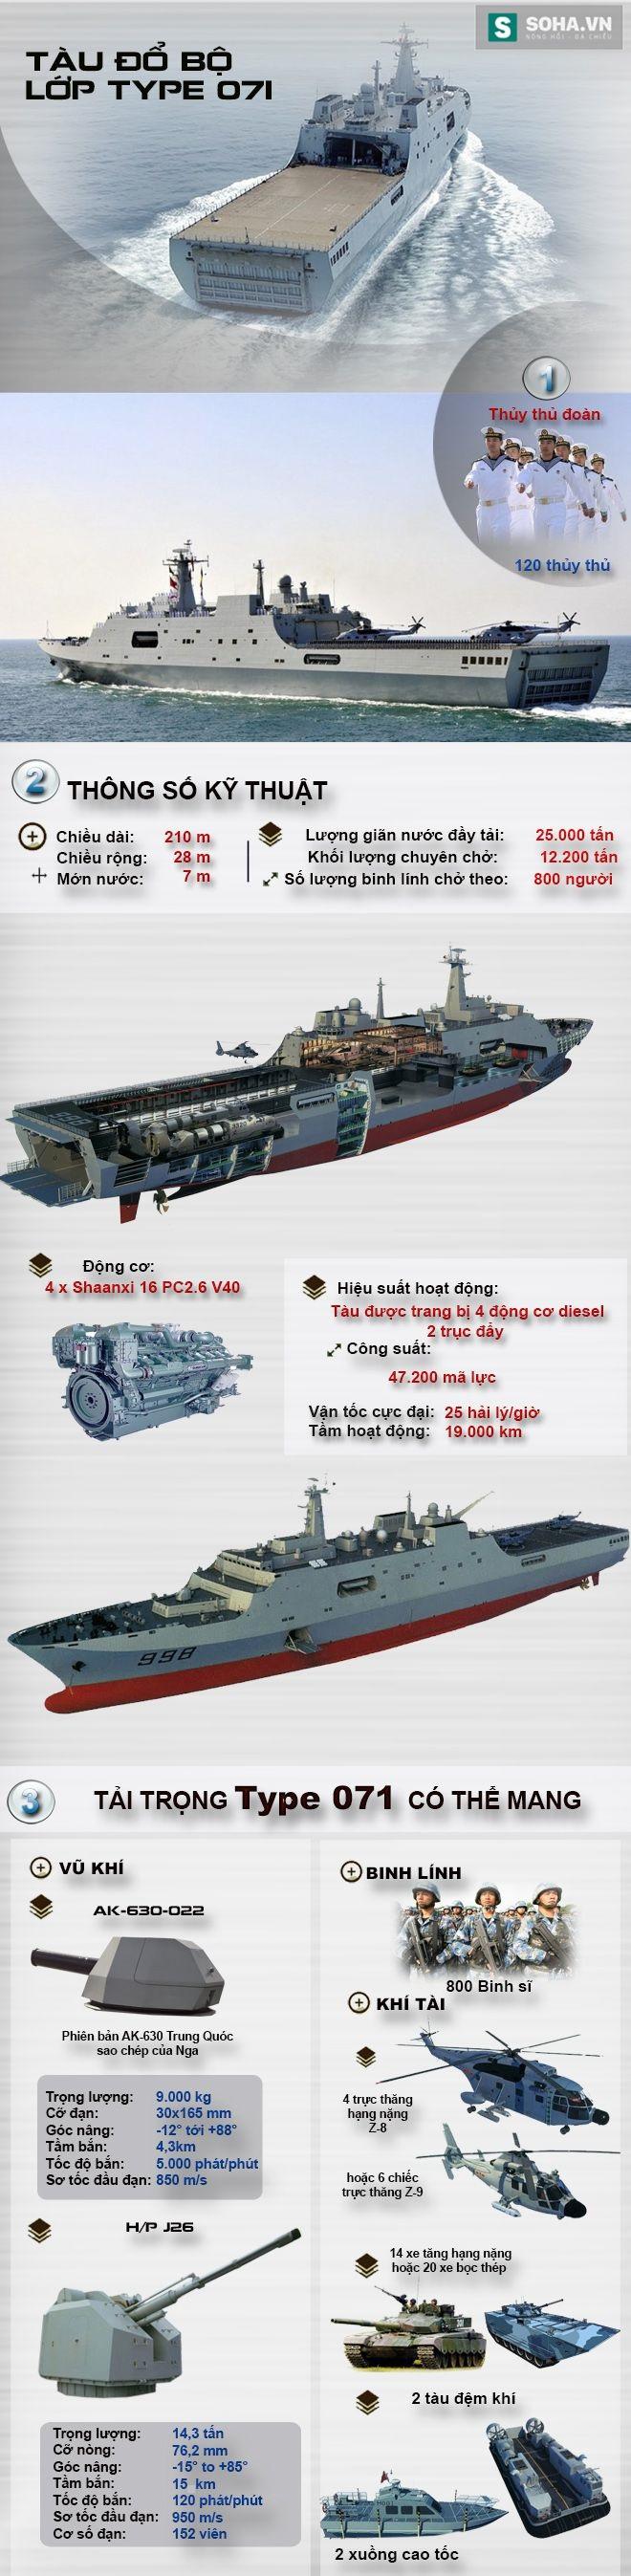 Vạch mặt át chủ bài trong chiến thuật đánh chiếm đảo của Hải quân Trung Quốc - Ảnh 1.